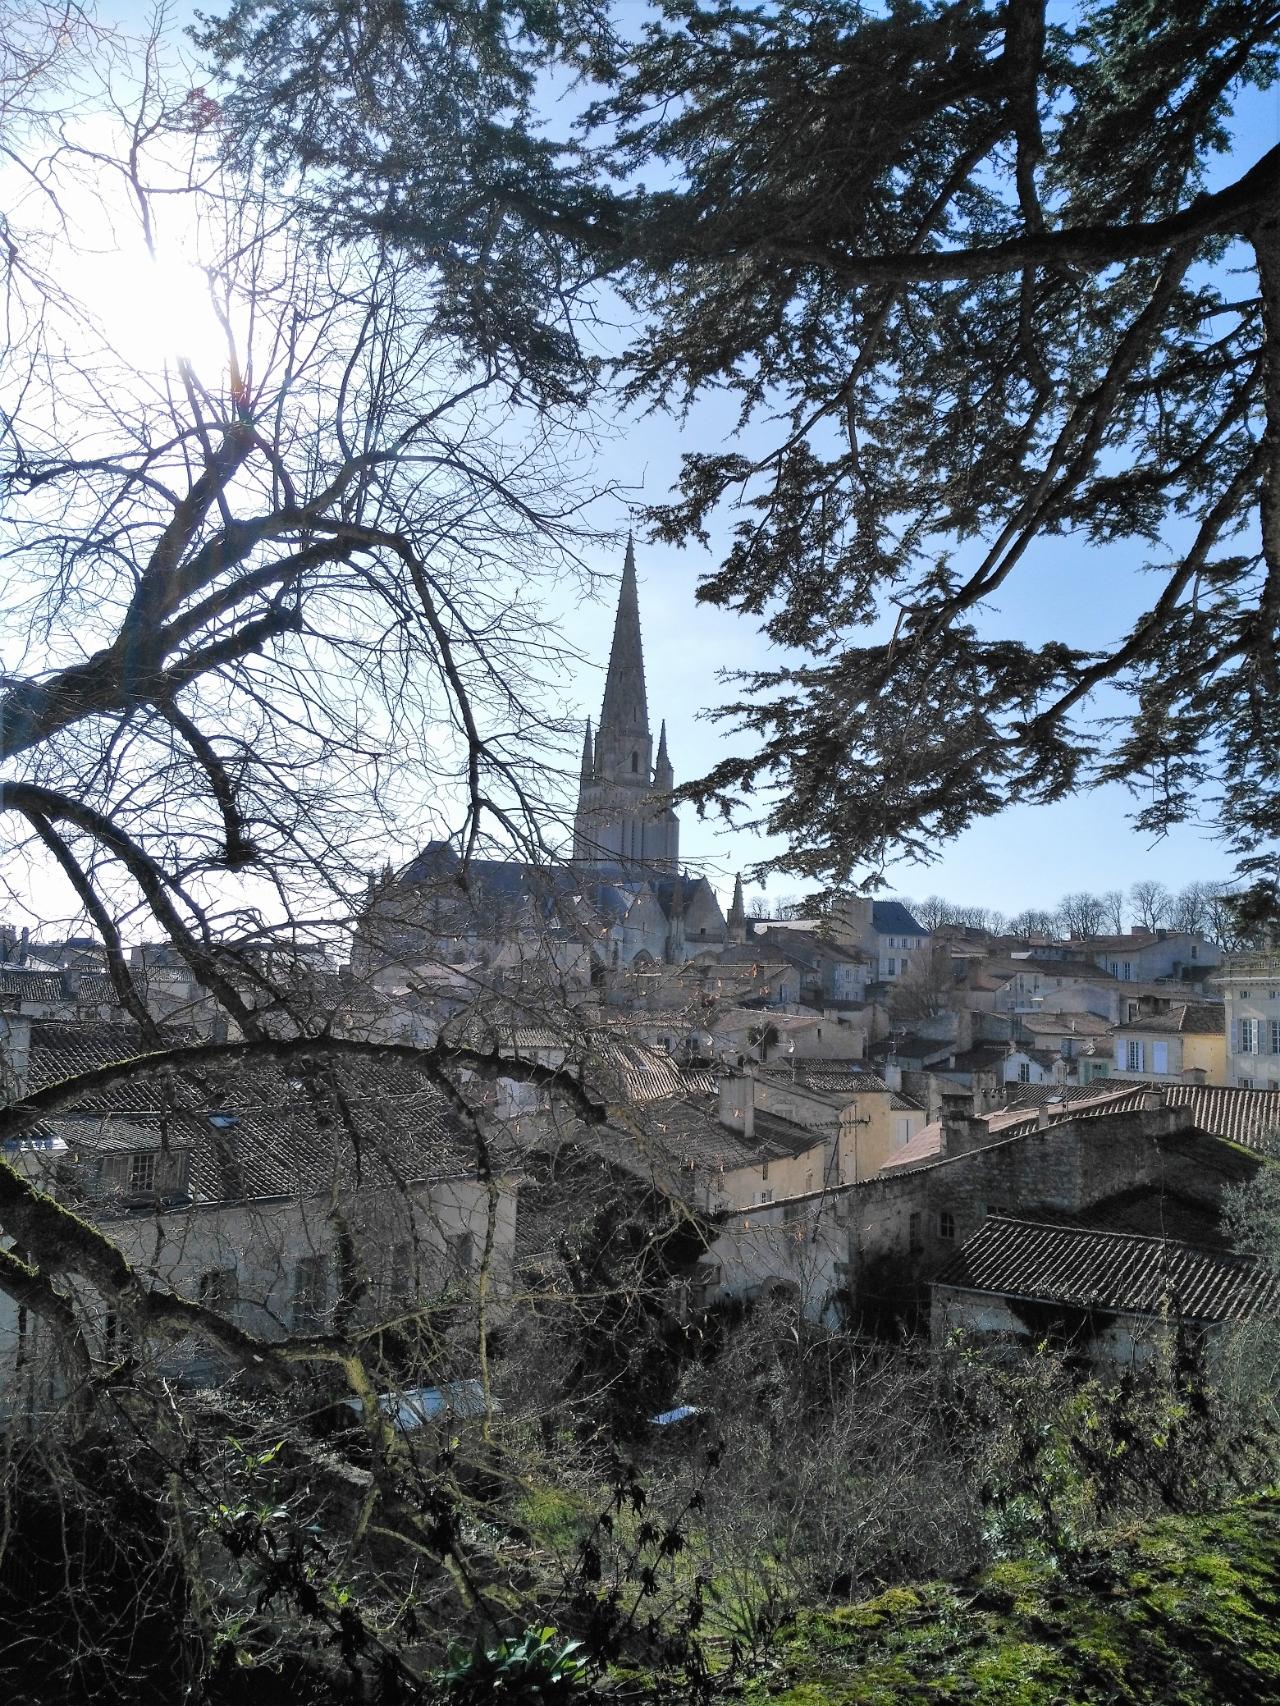 Photo 3: Jeu de piste familial à Fontenay-le-Comte avec Baludik